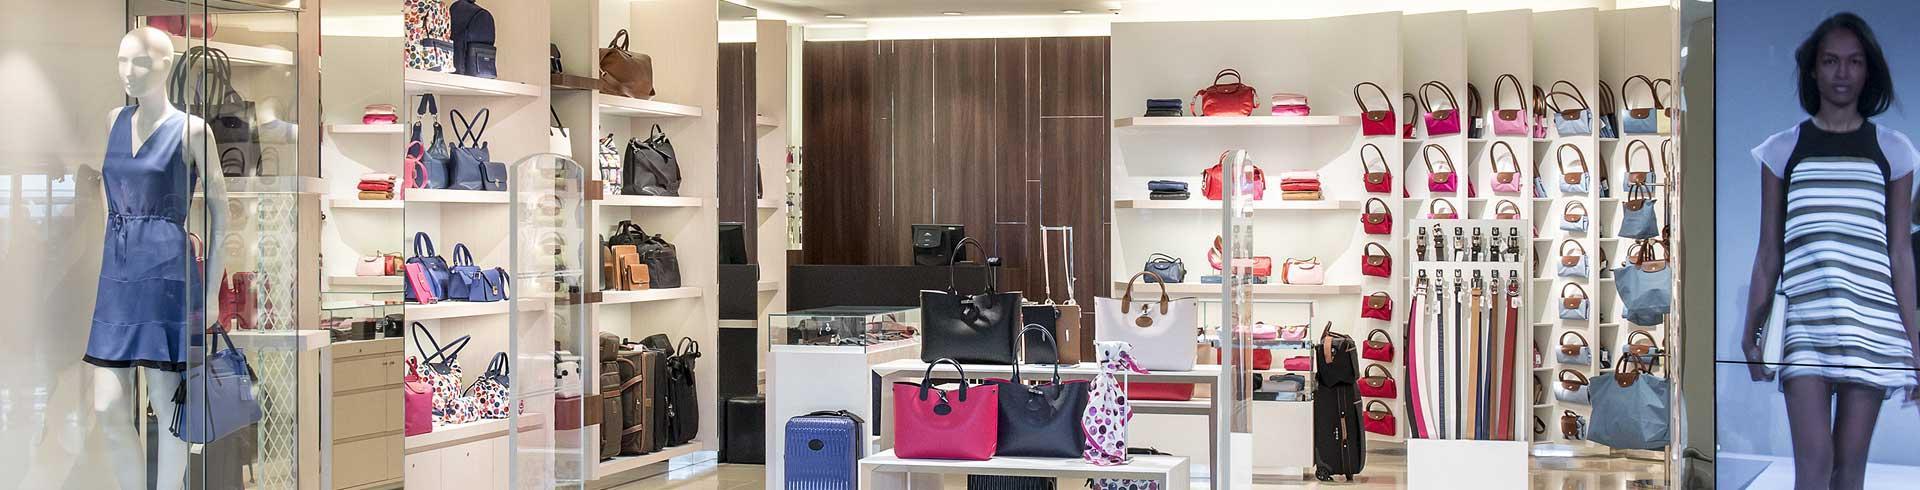 76045f410c2 LONGCHAMP / Fashion & Accessories / Terminal 1 / Shops & Services ...